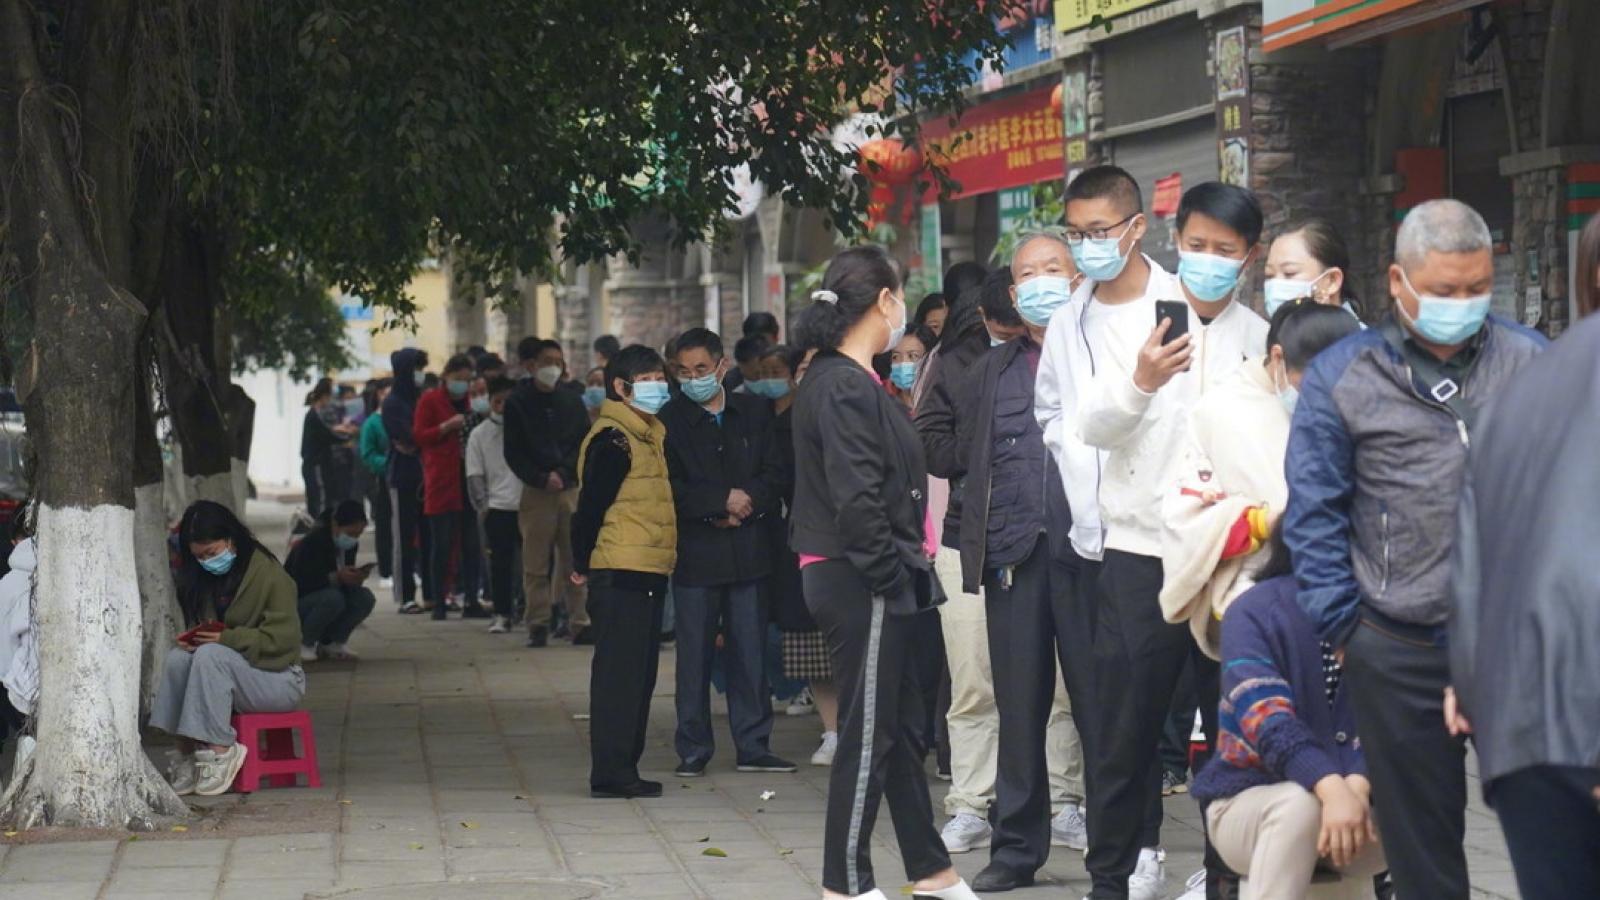 Trung Quốc phong tỏa thành phố giáp Myanmar vì dịch cộng đồng